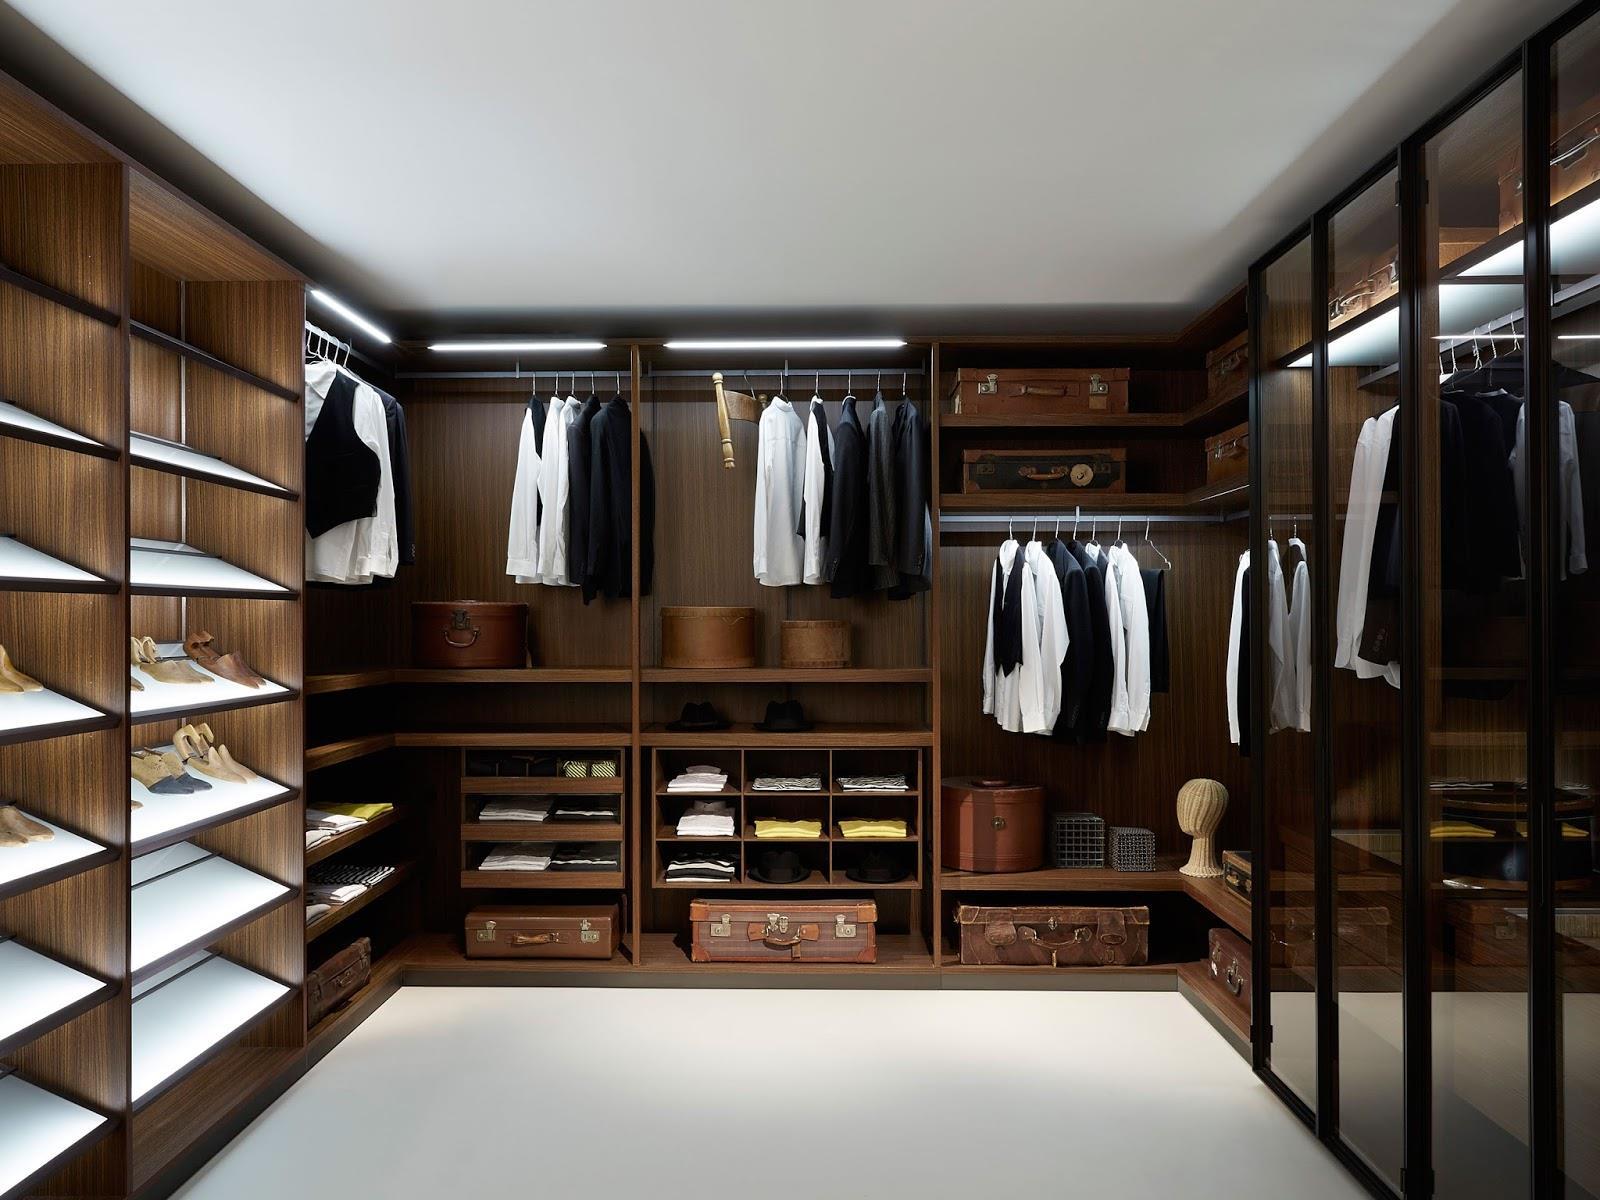 phòng quần áo đơn giản